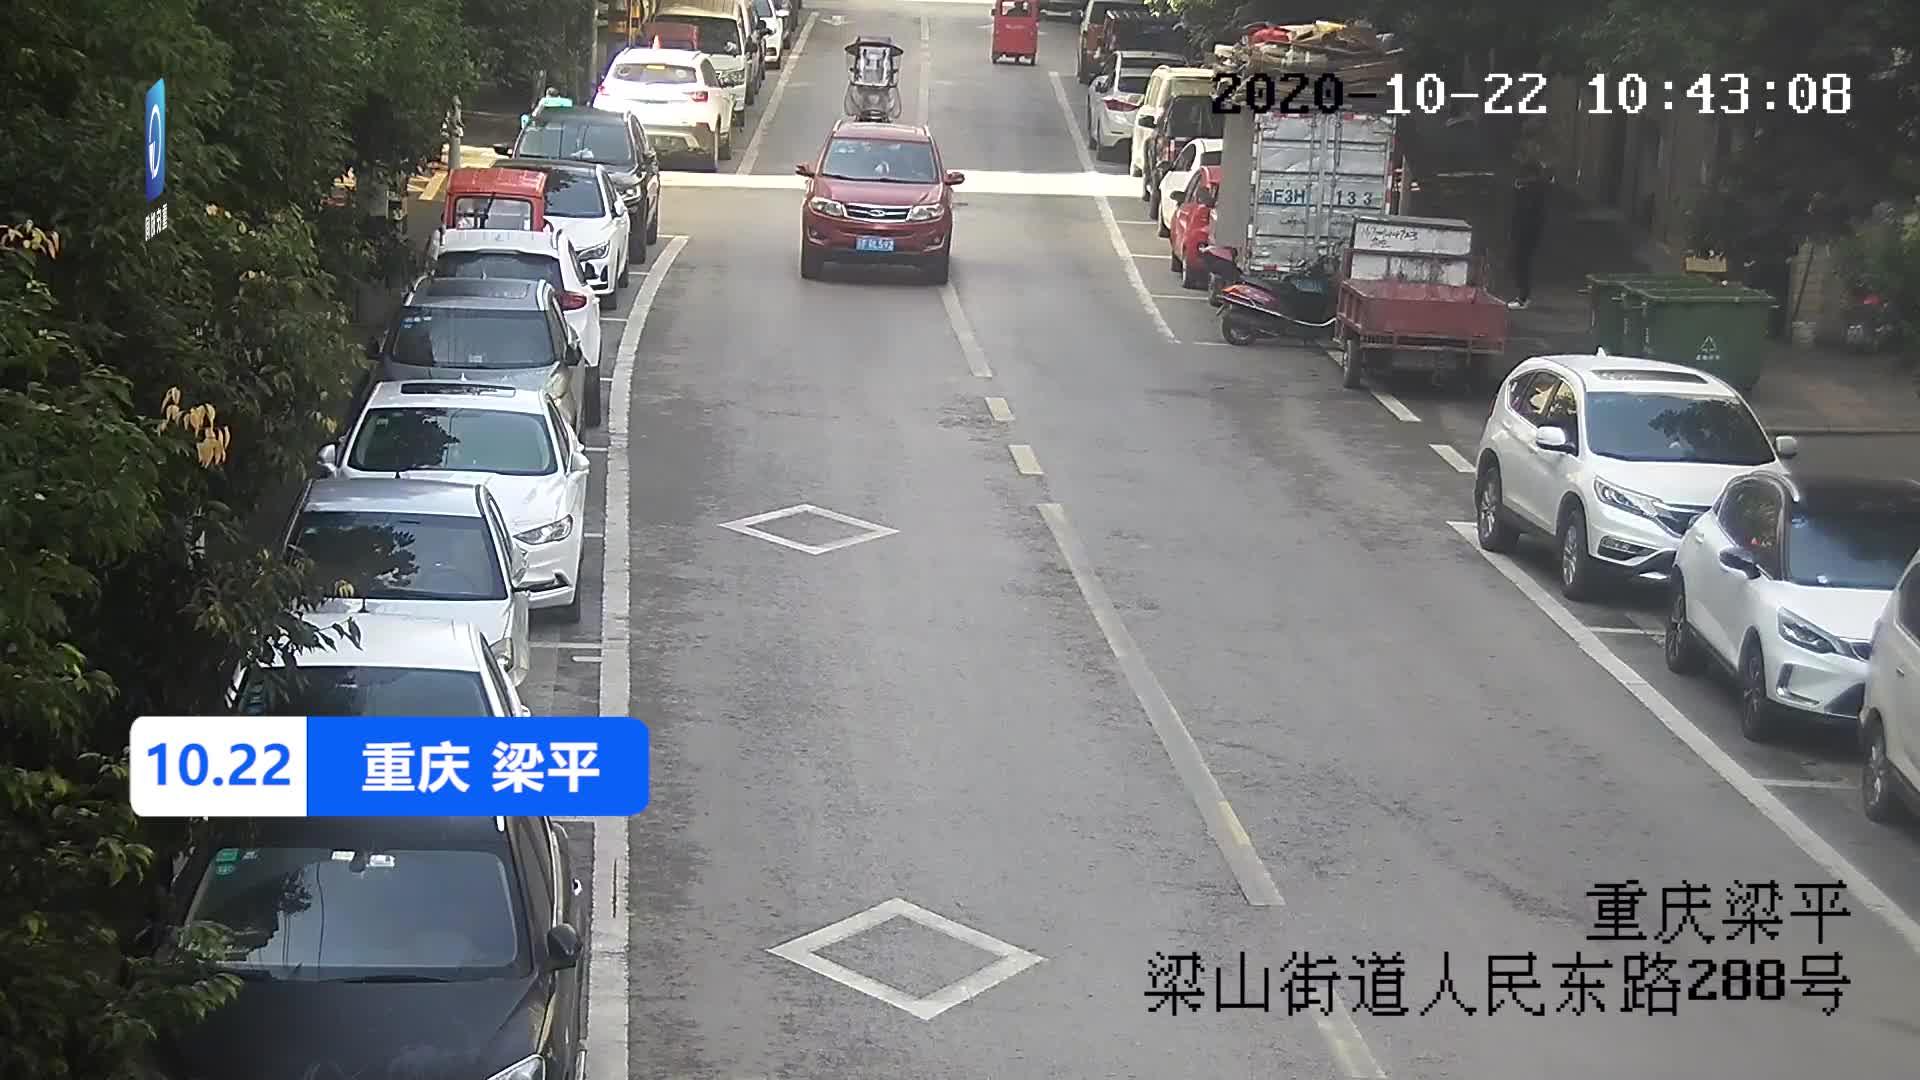 男子驾车时分心低头看导航 车辆方向偏移连撞路边两车